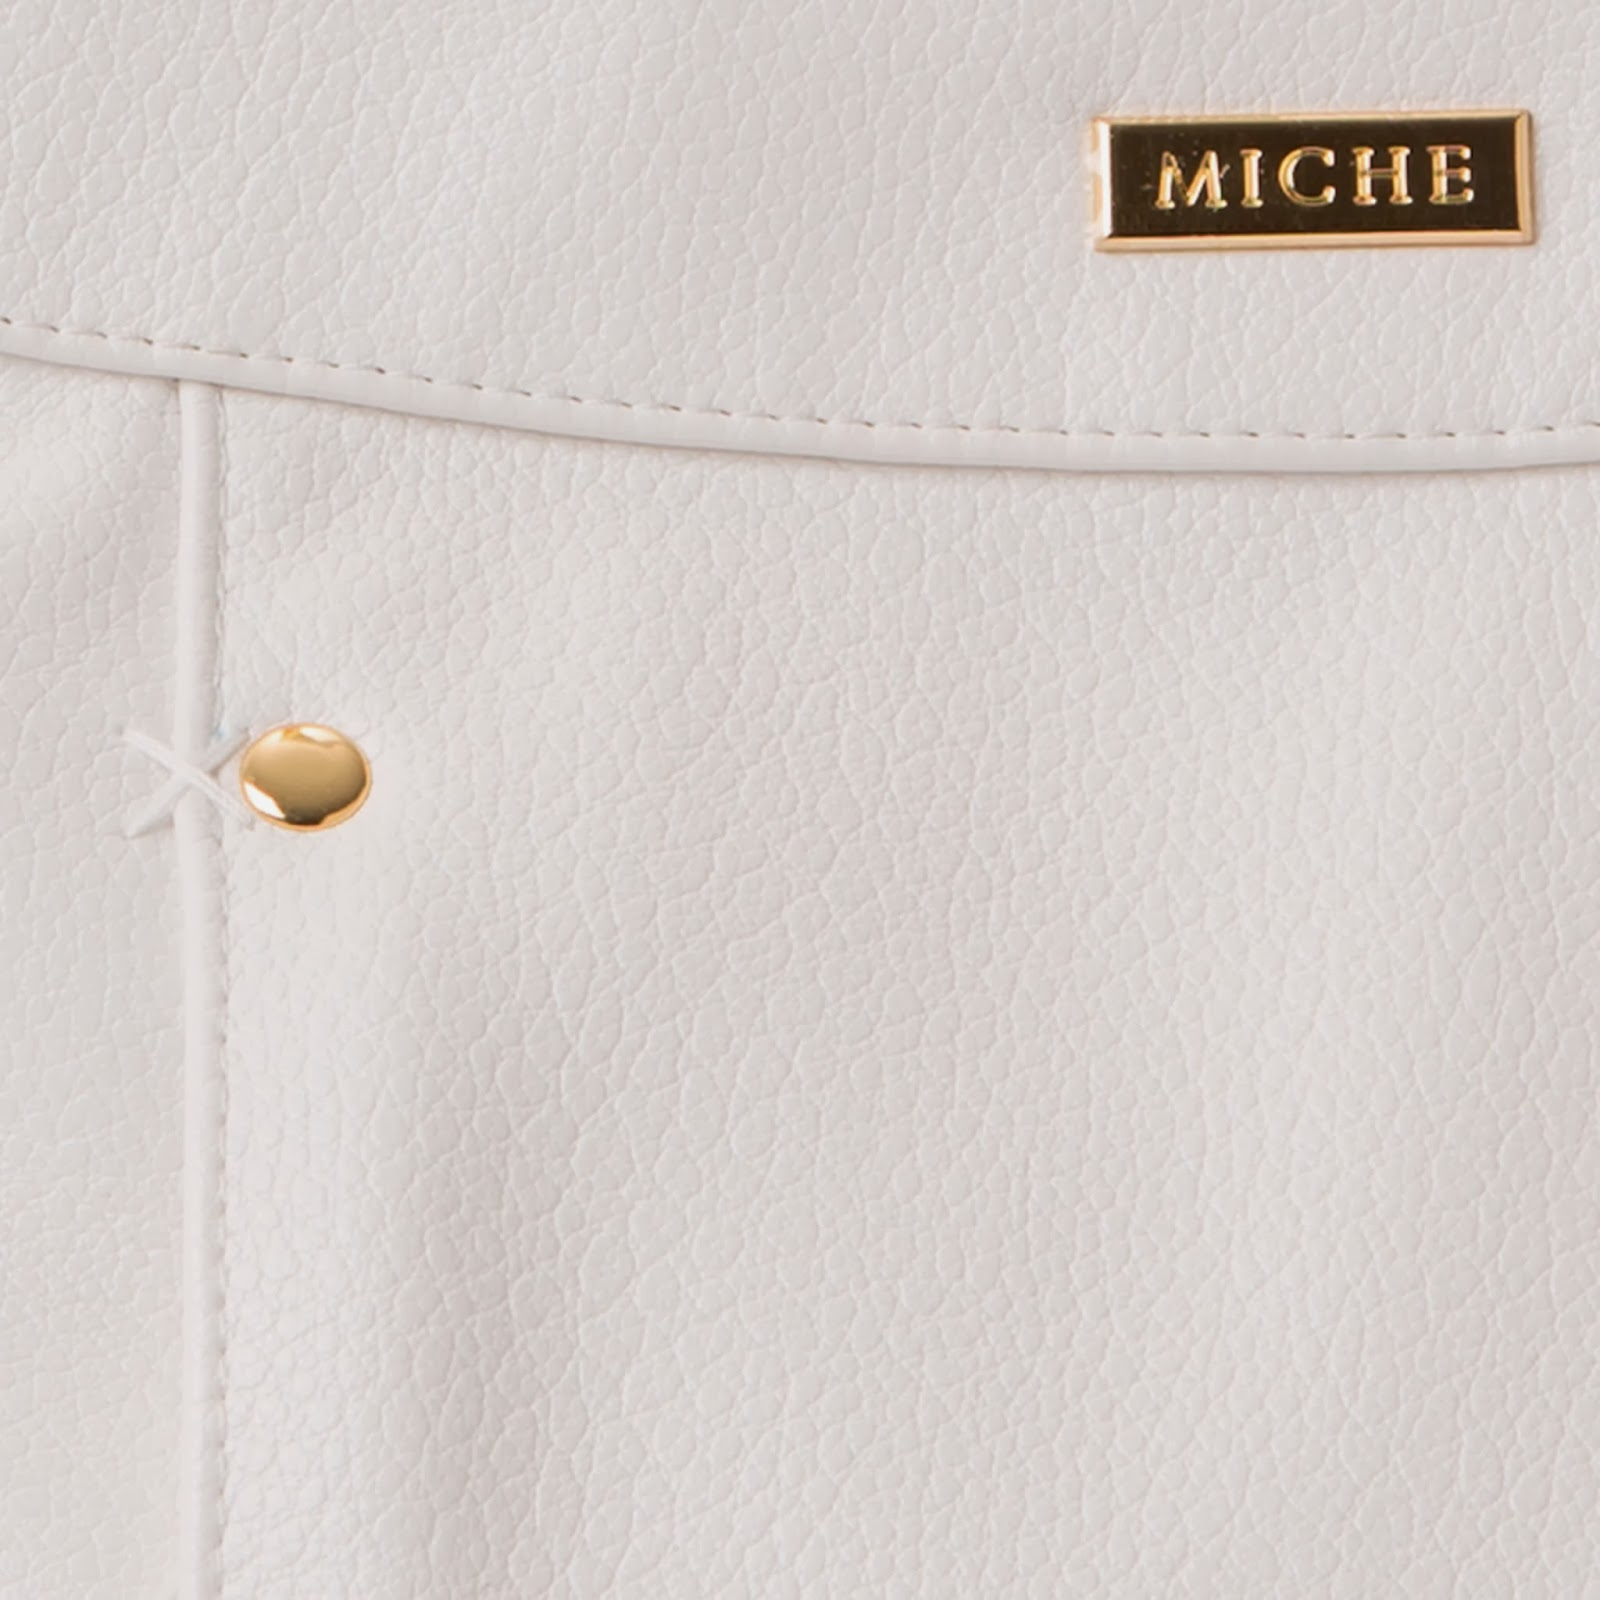 Miche Katrina Shells Close Up   Shop MyStylePurses.com